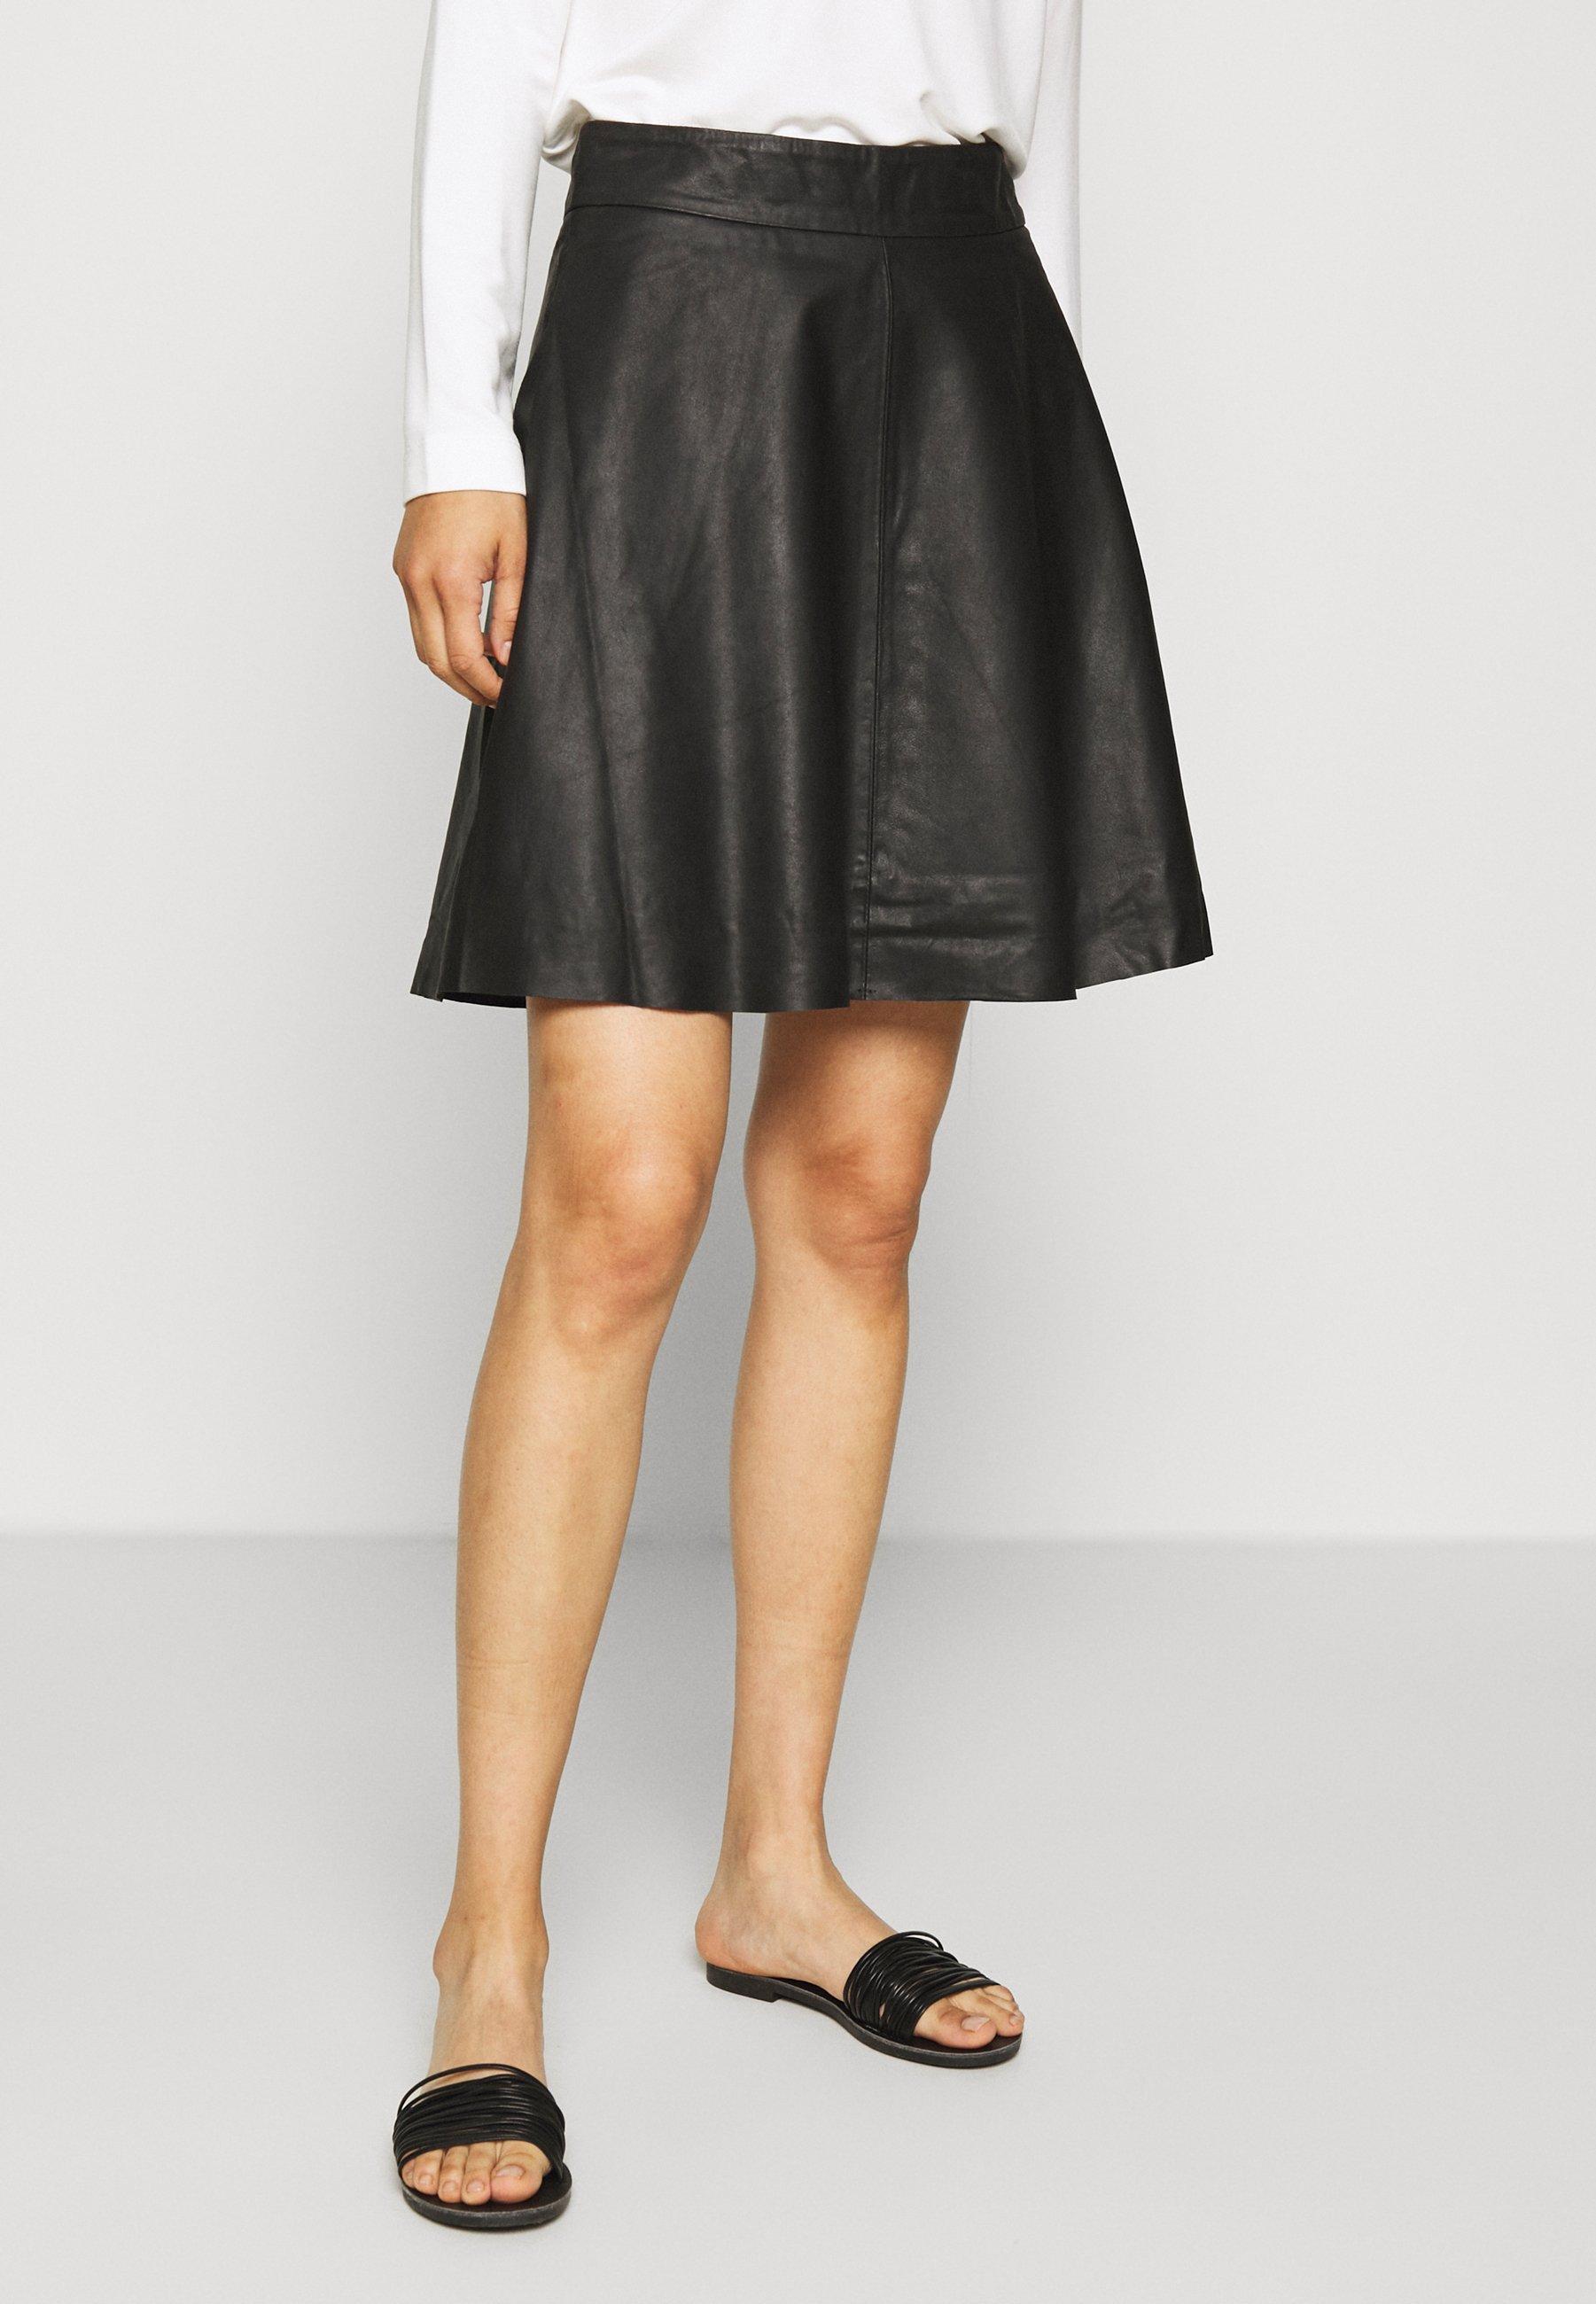 Shop For Women's Clothing Kaffe LEANN SKIRT A-line skirt black deep ZYsjQ2Mz1